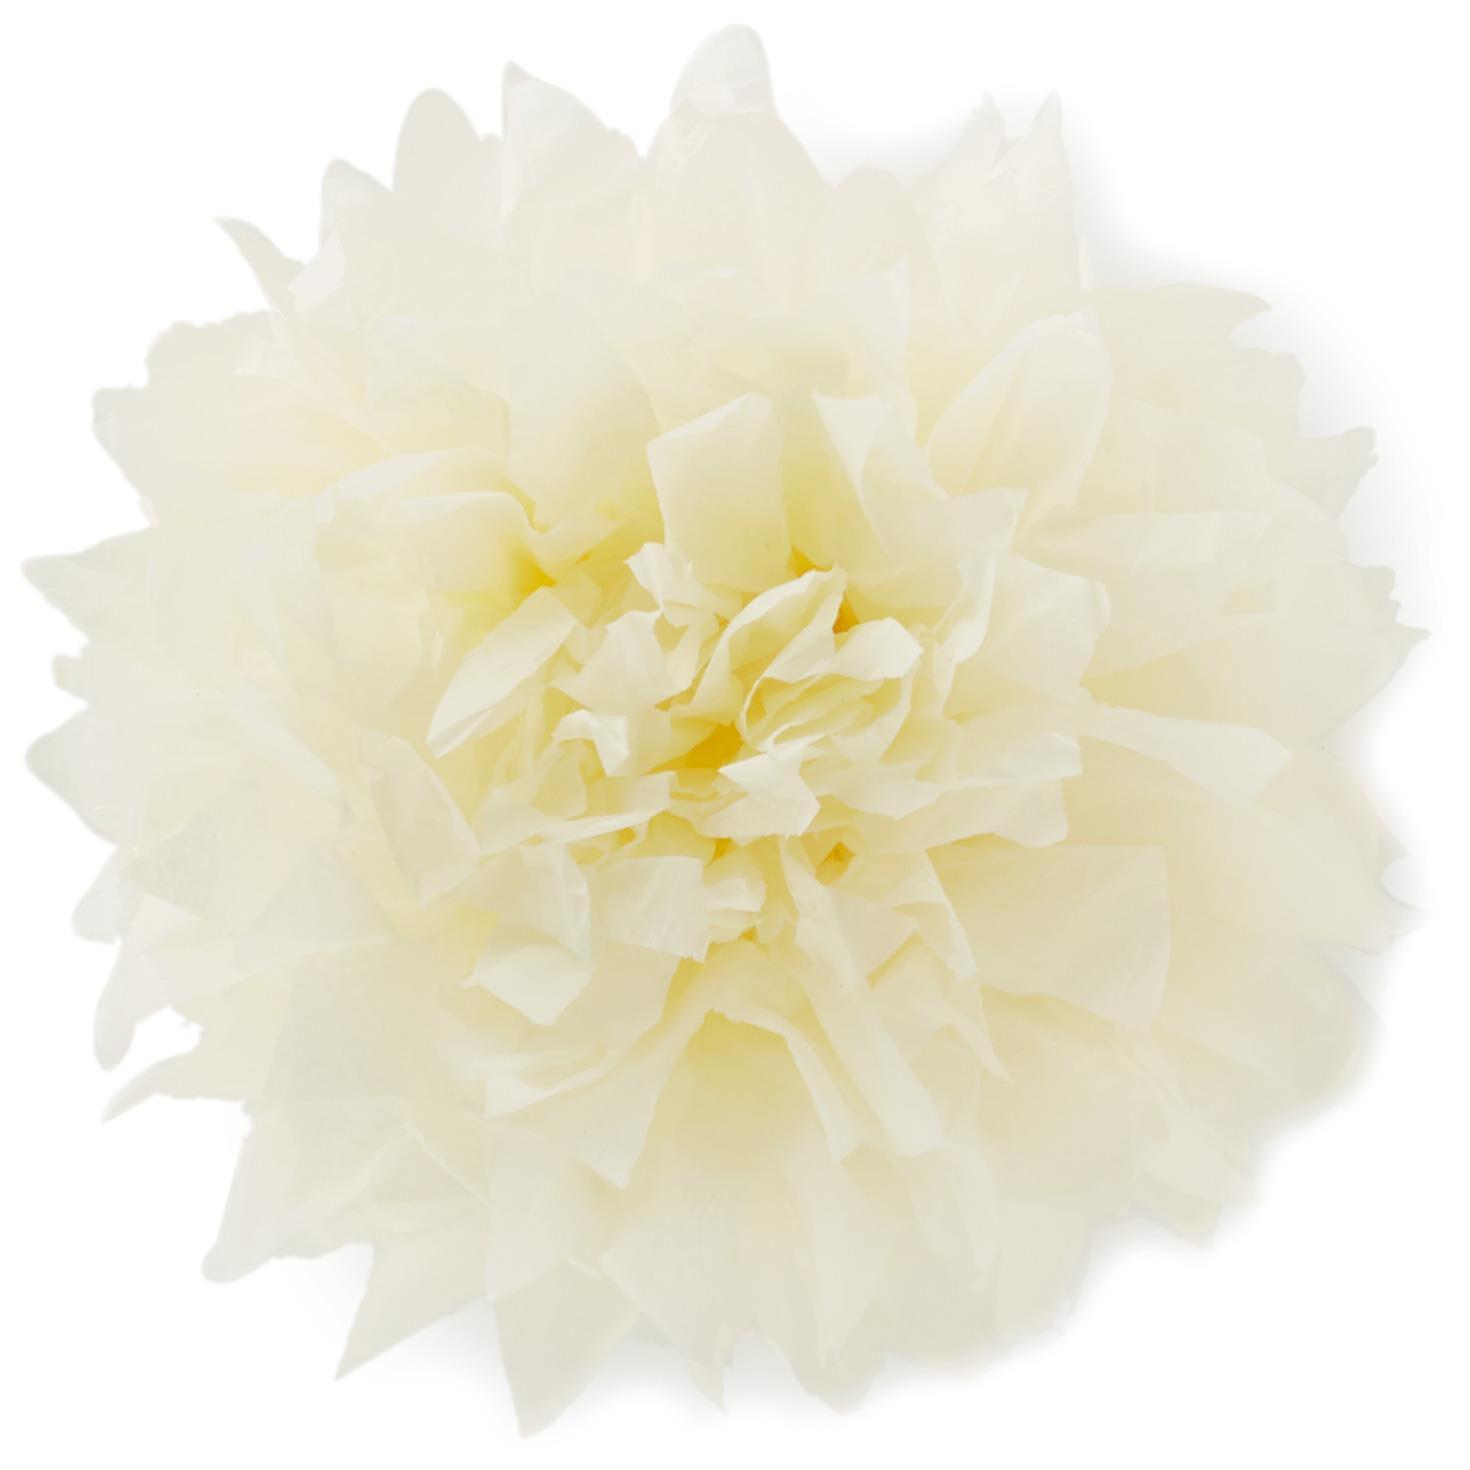 Cream Tissue Paper Flower Pom Pom Gift Bow 5 Bows Ribbons